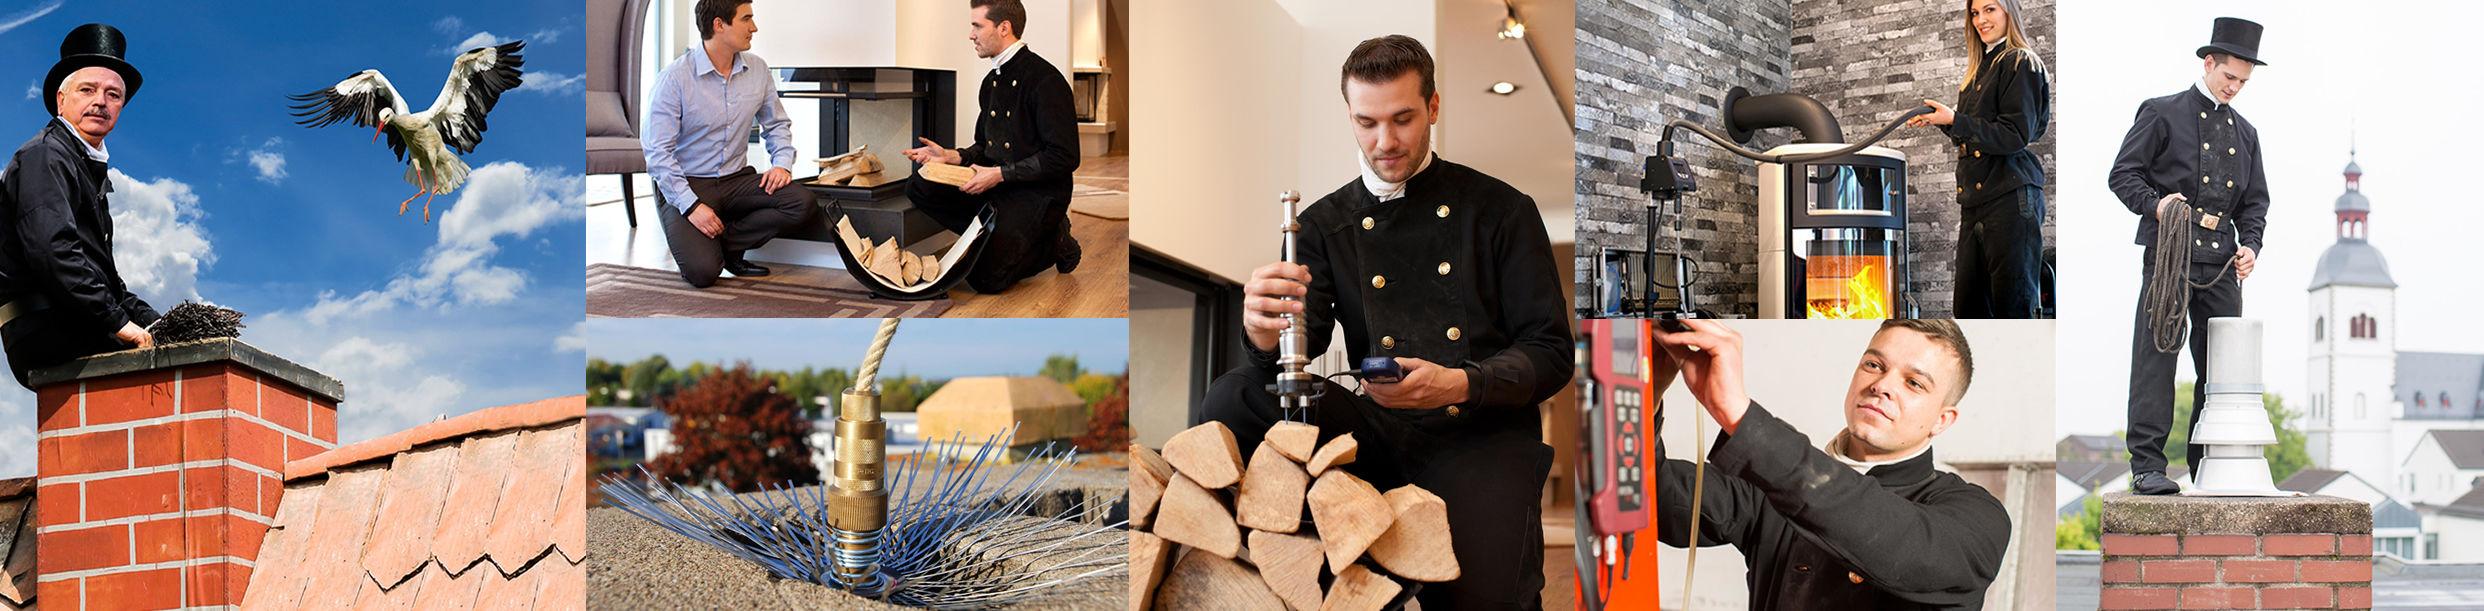 Bildercollage der Kreispruppe Segeberg der Schornsteinfegerinnung Lübeck